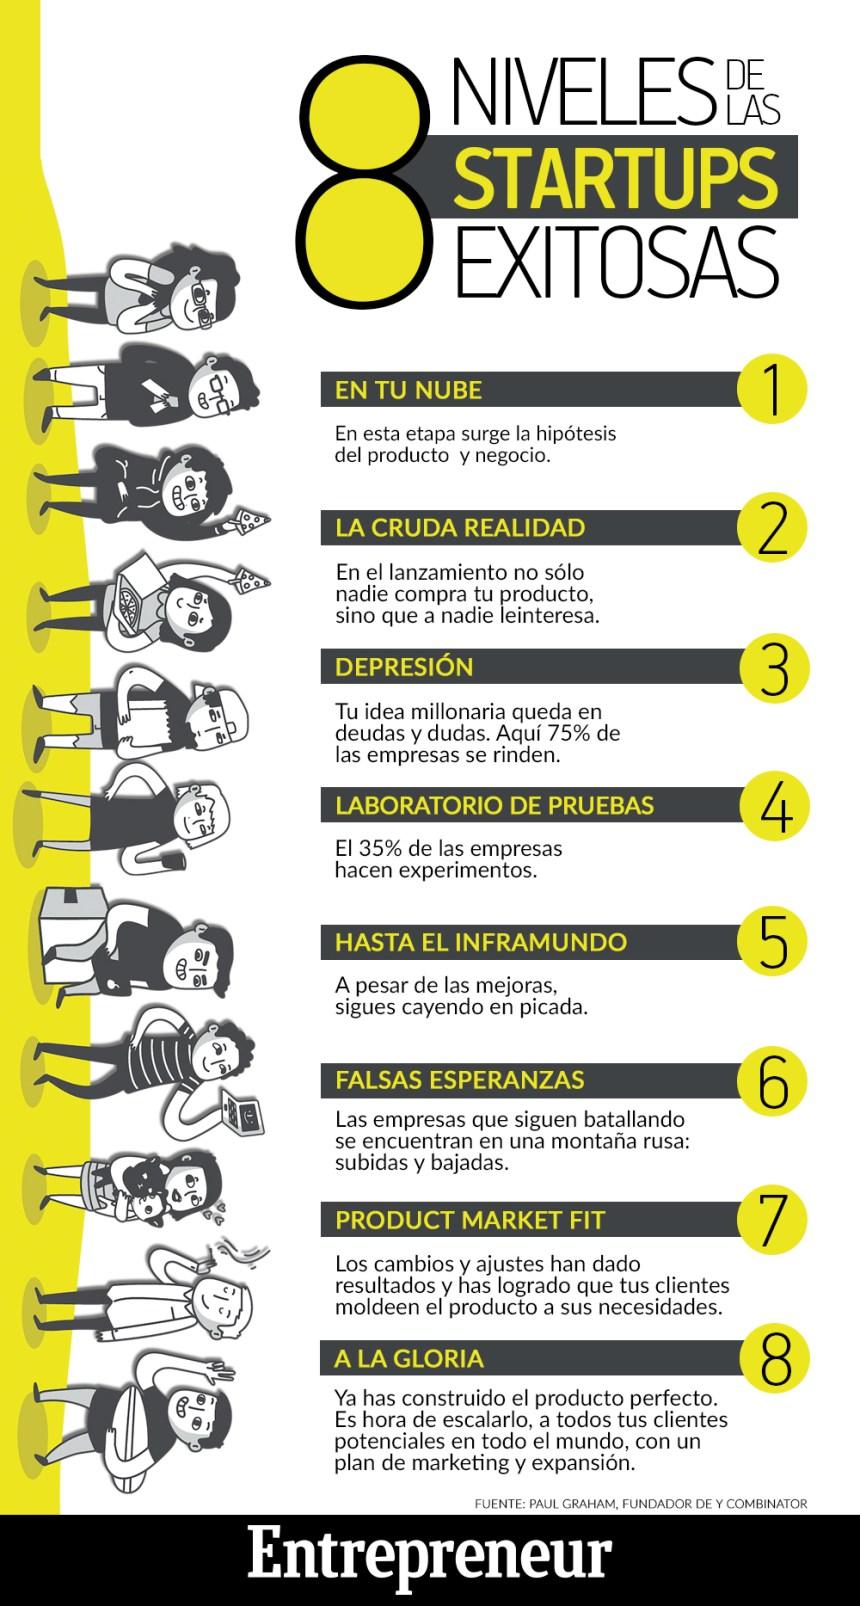 8 niveles de startups de éxito